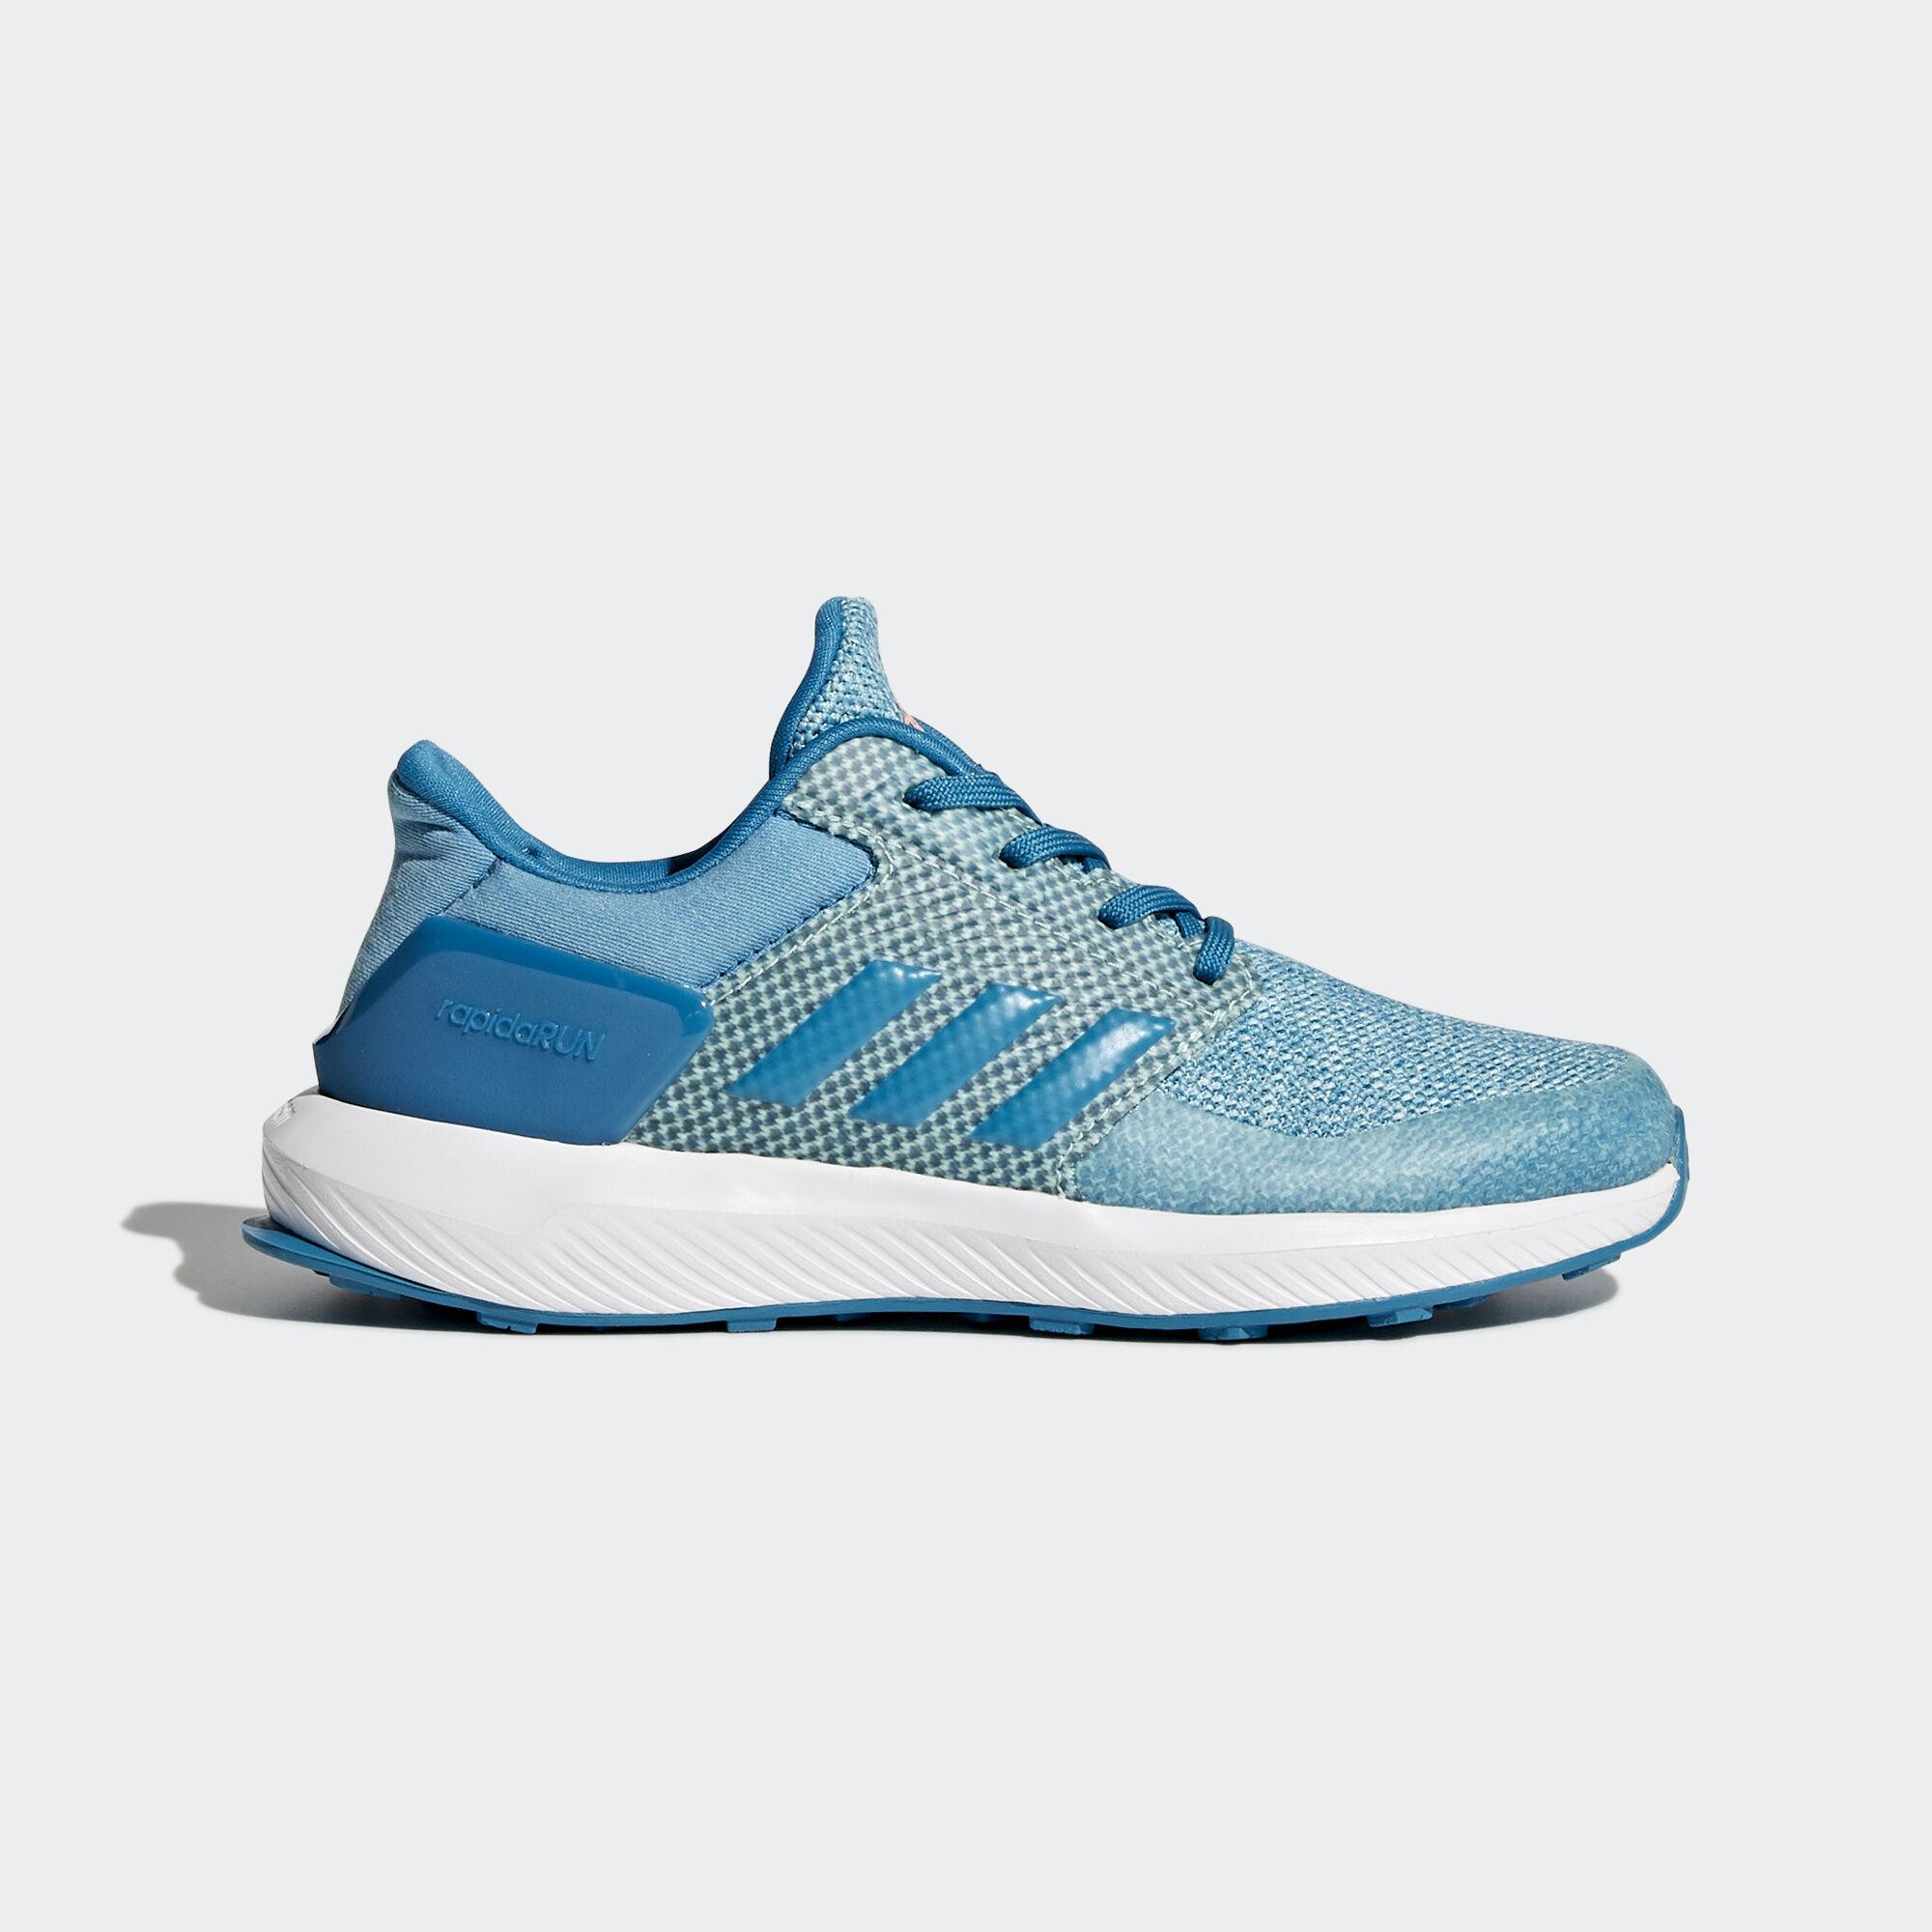 Adidas Zapatilla RapidaRun Barato Real Finishline Orden de liquidación ka9qHlqrHd